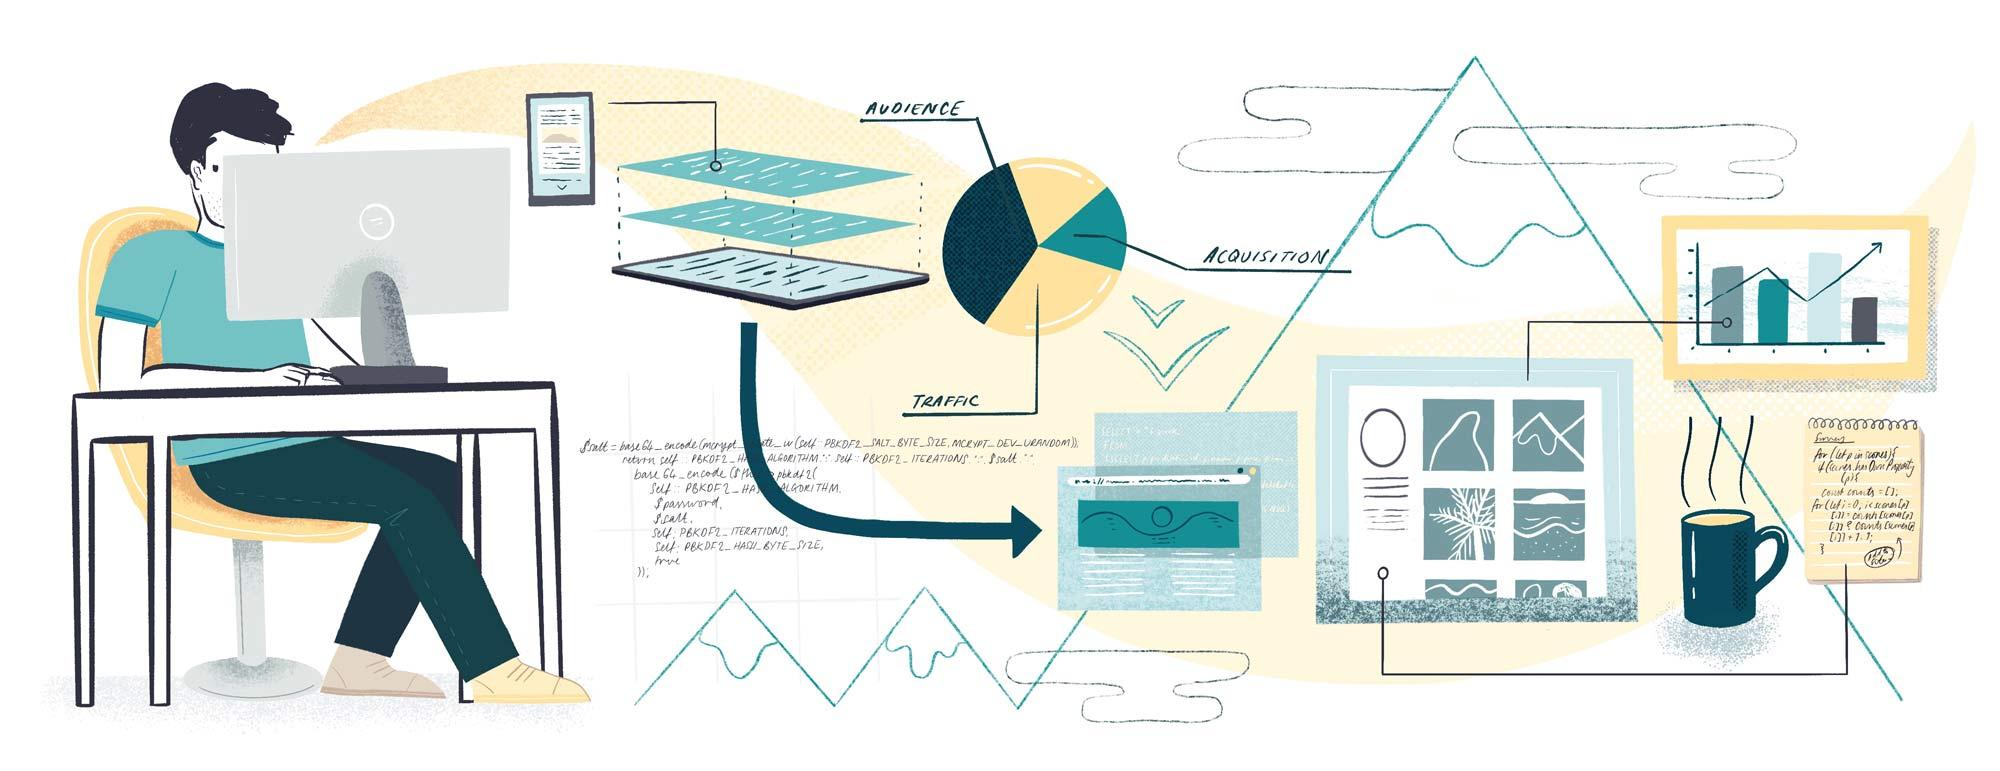 Website illustrations for a Developer portfolio cover image